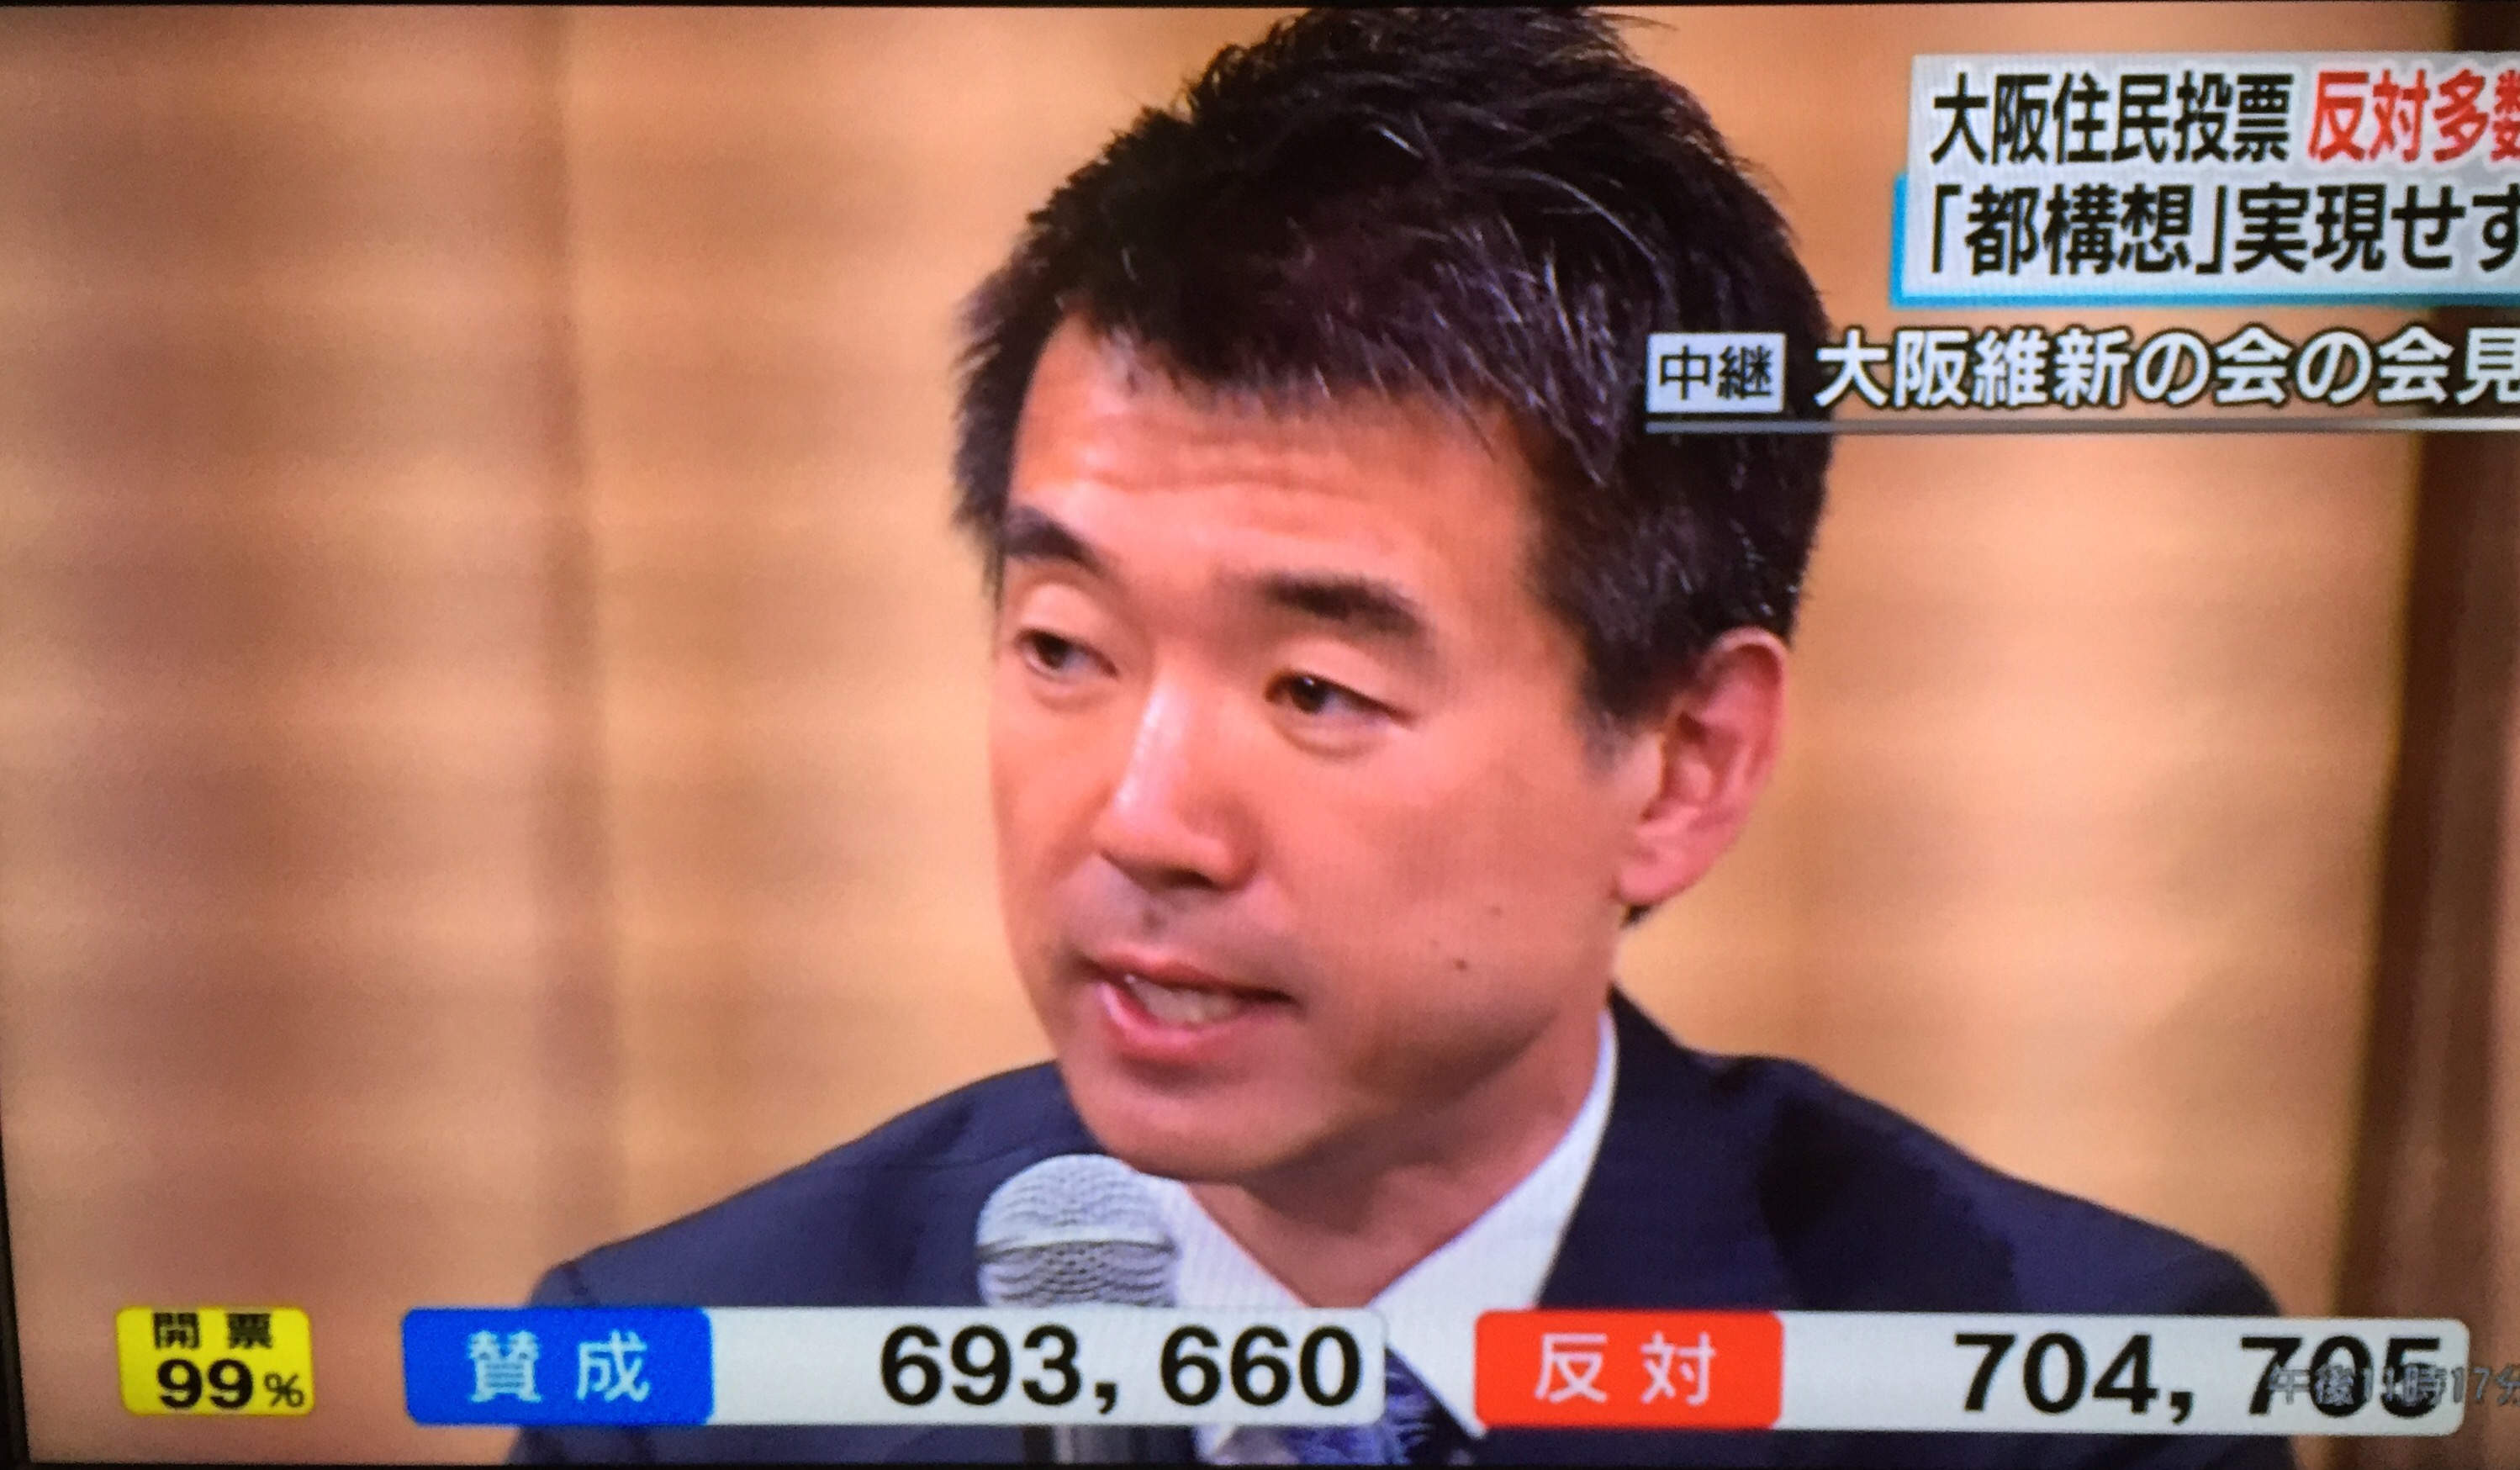 日本の大きな損失!橋下徹が政界から引退を決意